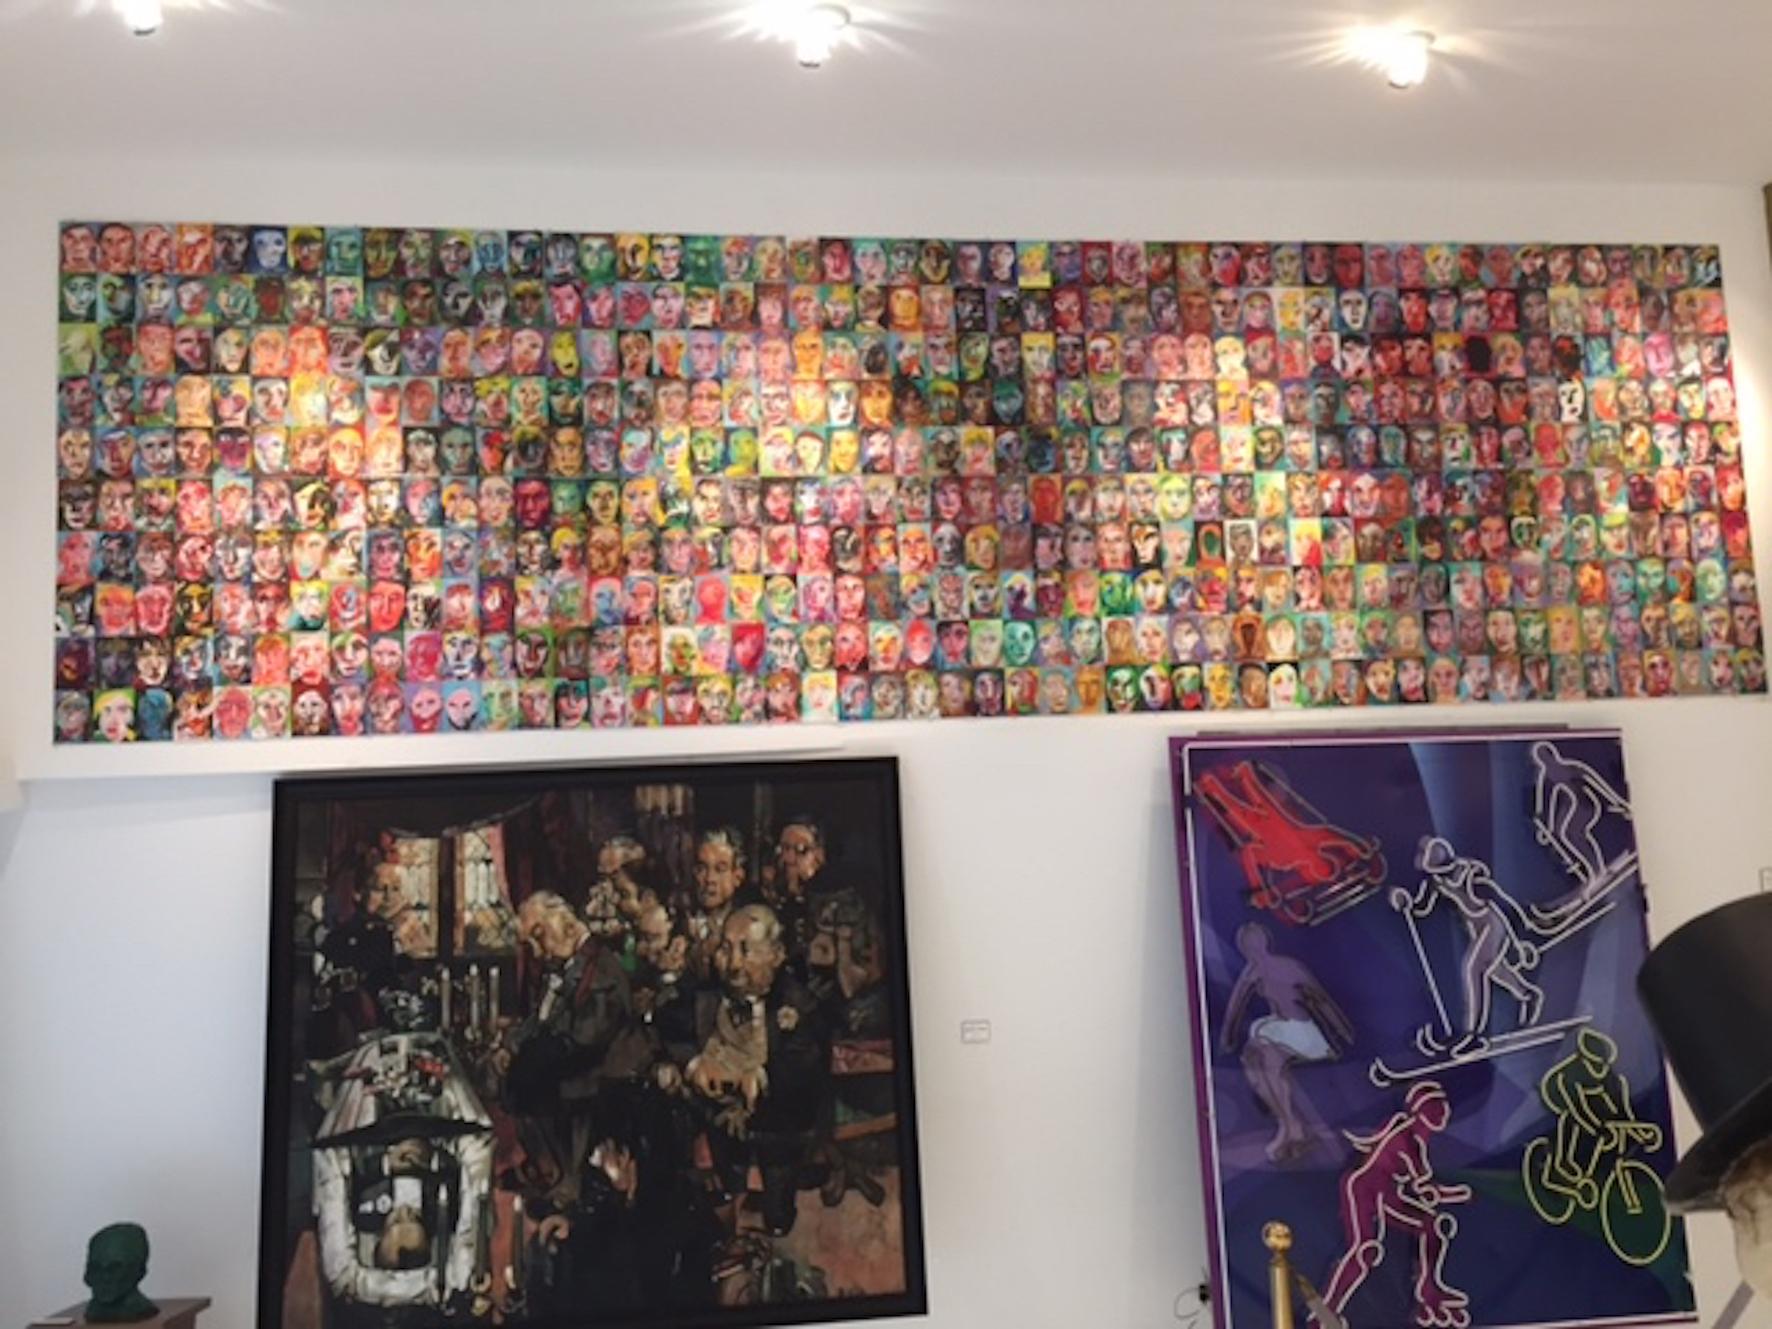 500 in a private museum in Santa Barbara